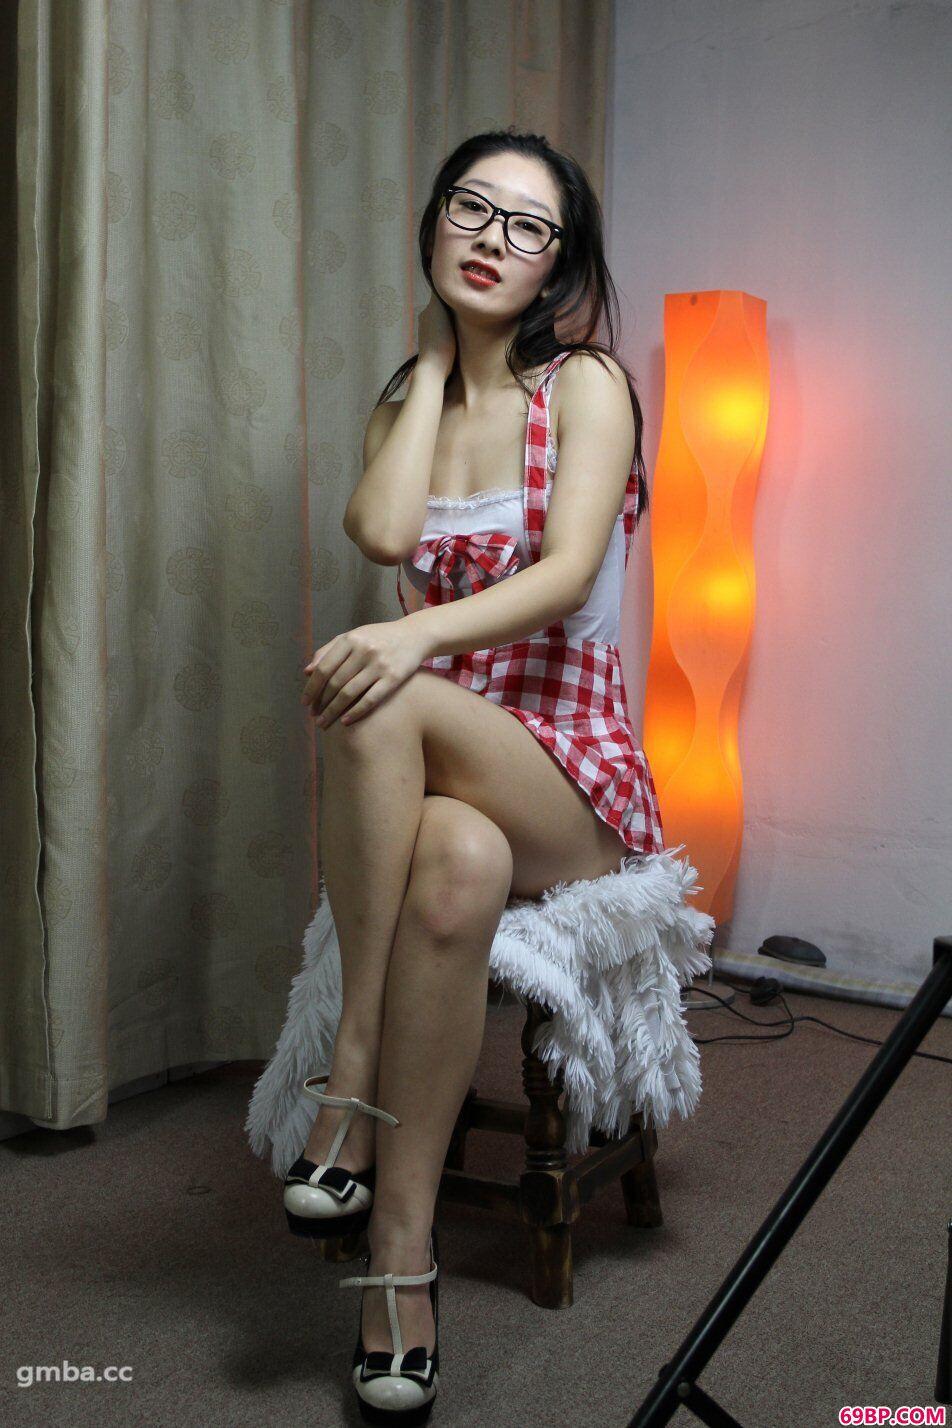 模特小美(心茹)摘下墨镜大胆约拍顶级人体艺术